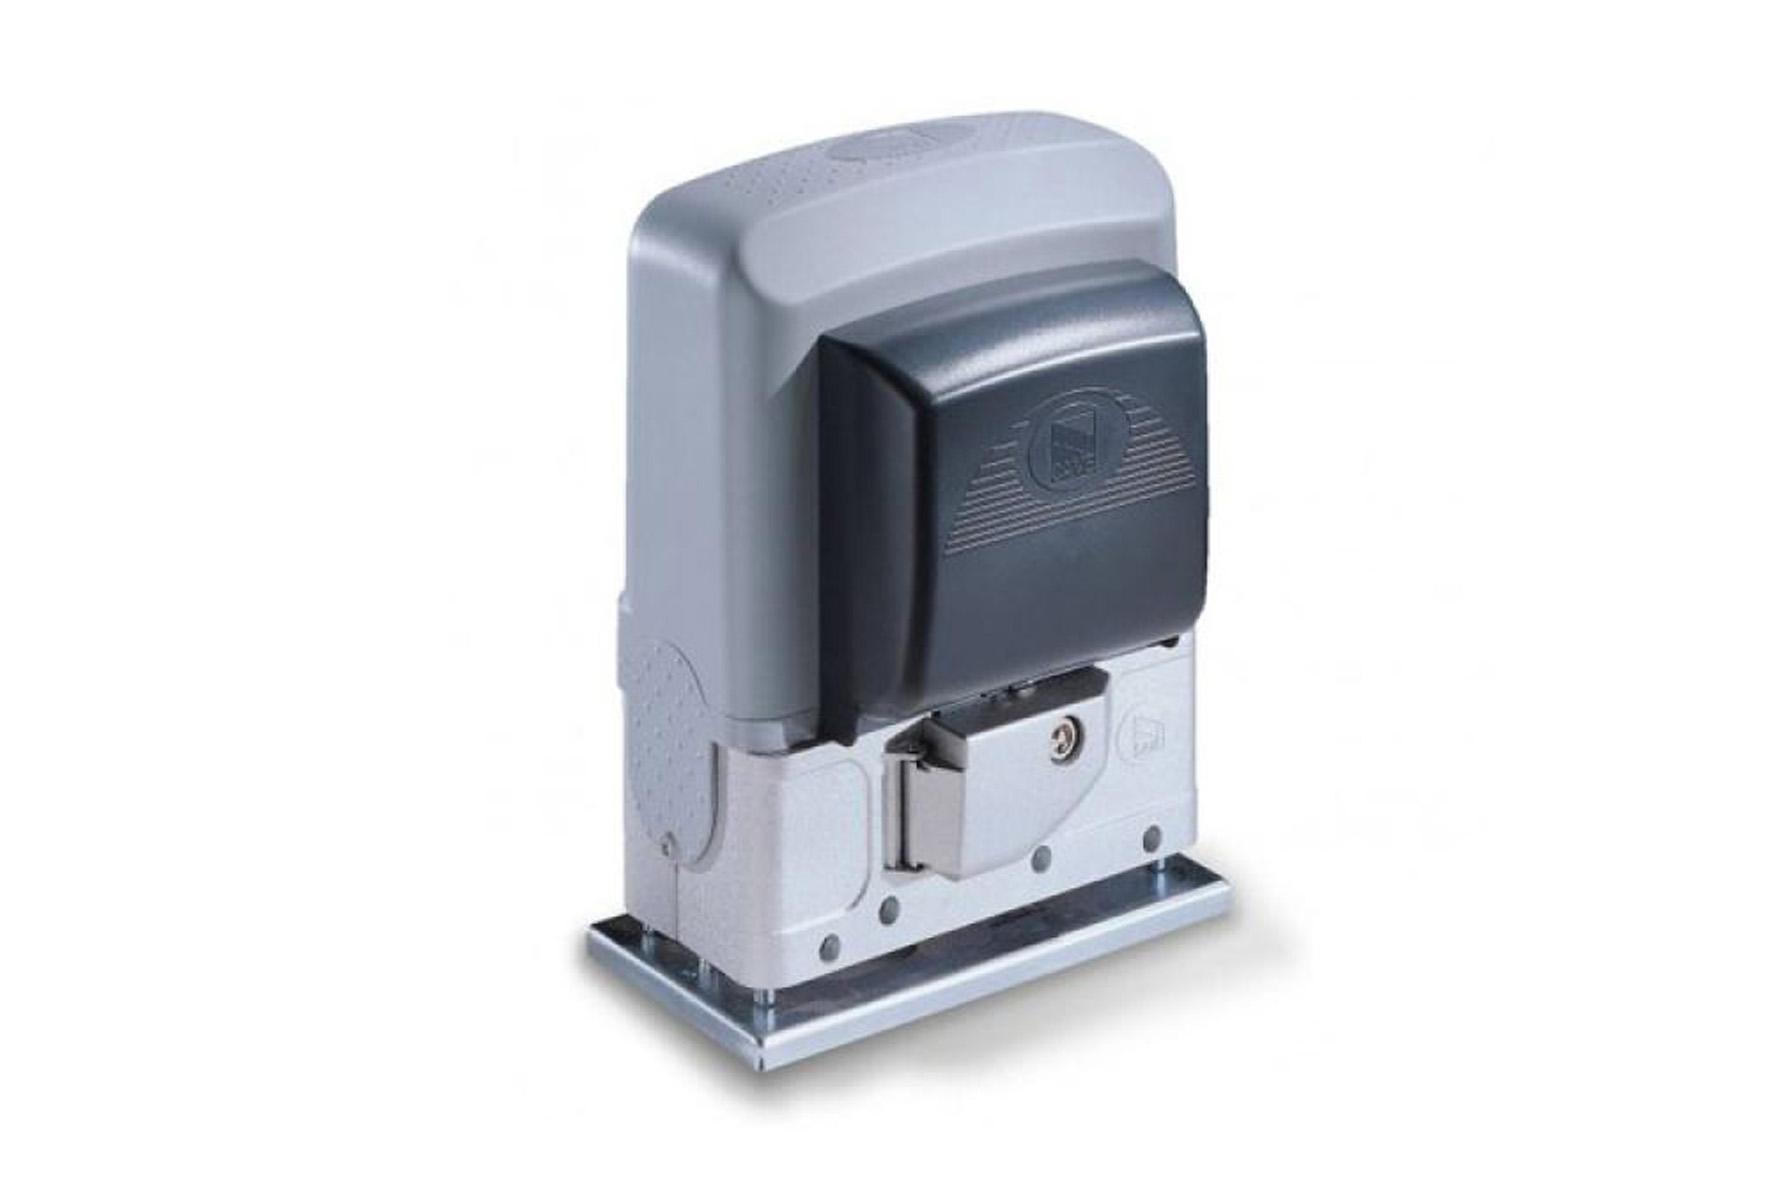 moteur pour portail coulissant cam bk 2200 achat en ligne ou dans notre magasin. Black Bedroom Furniture Sets. Home Design Ideas